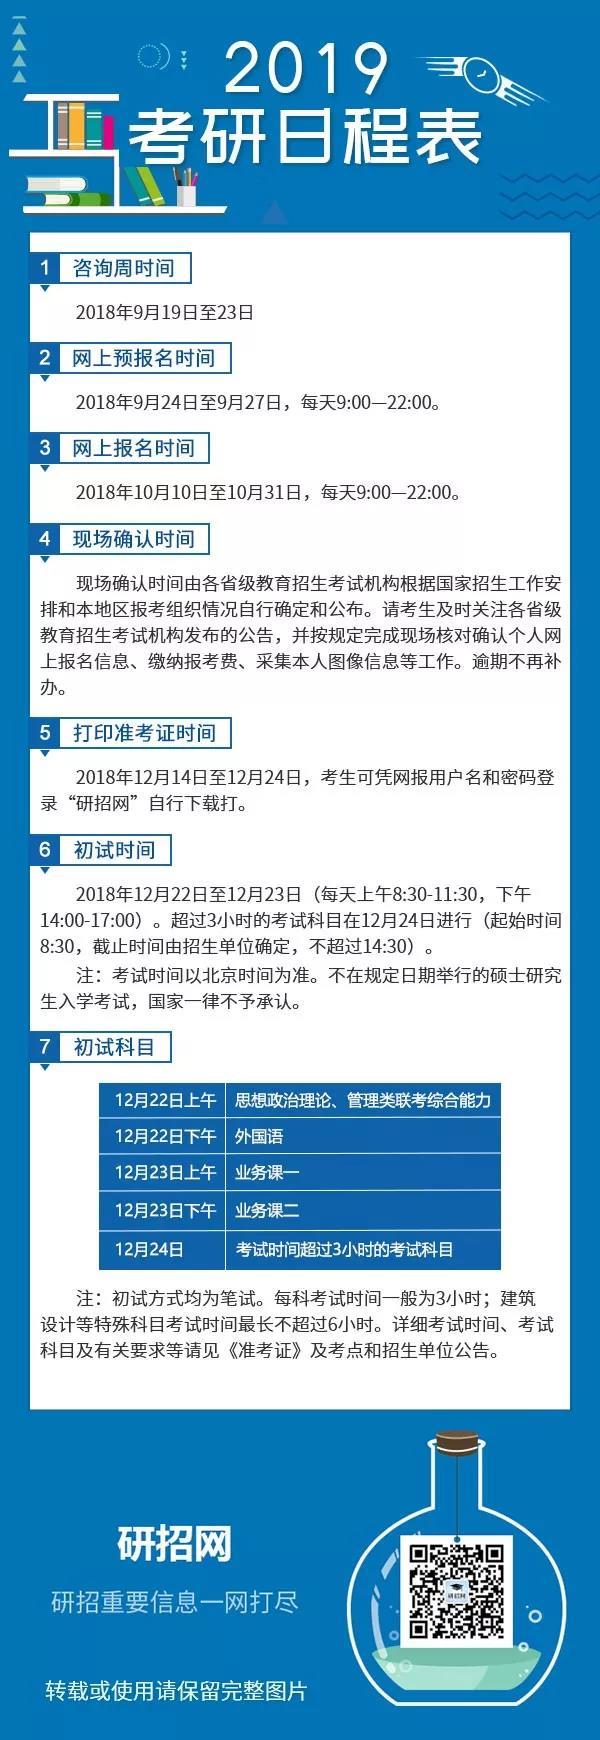 2019考研初试时间已公布:2018年12月22日至12月23日